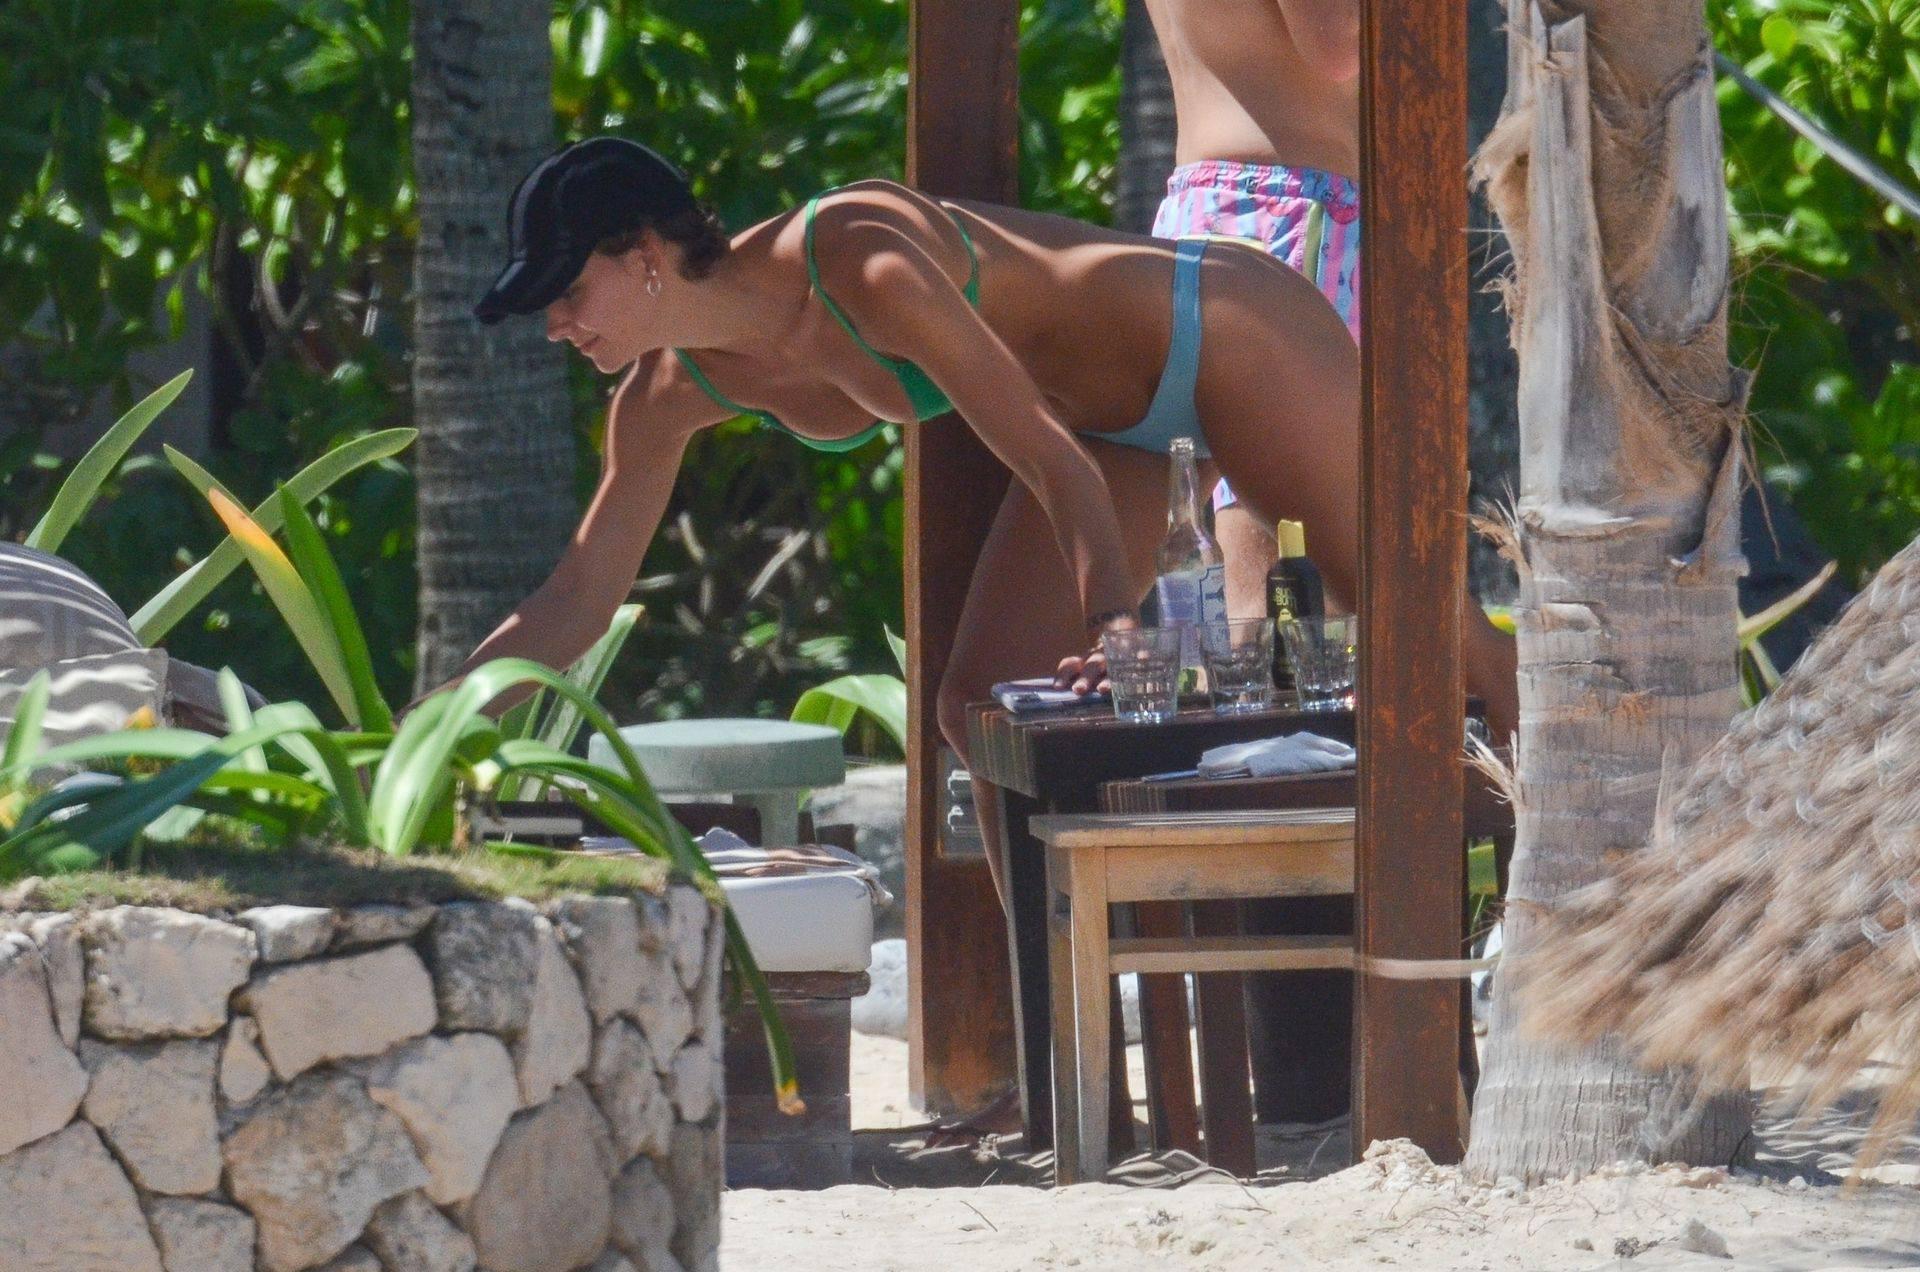 Rachel Cook – Beautiful Ass In Thong Bikini In Mexico 0024